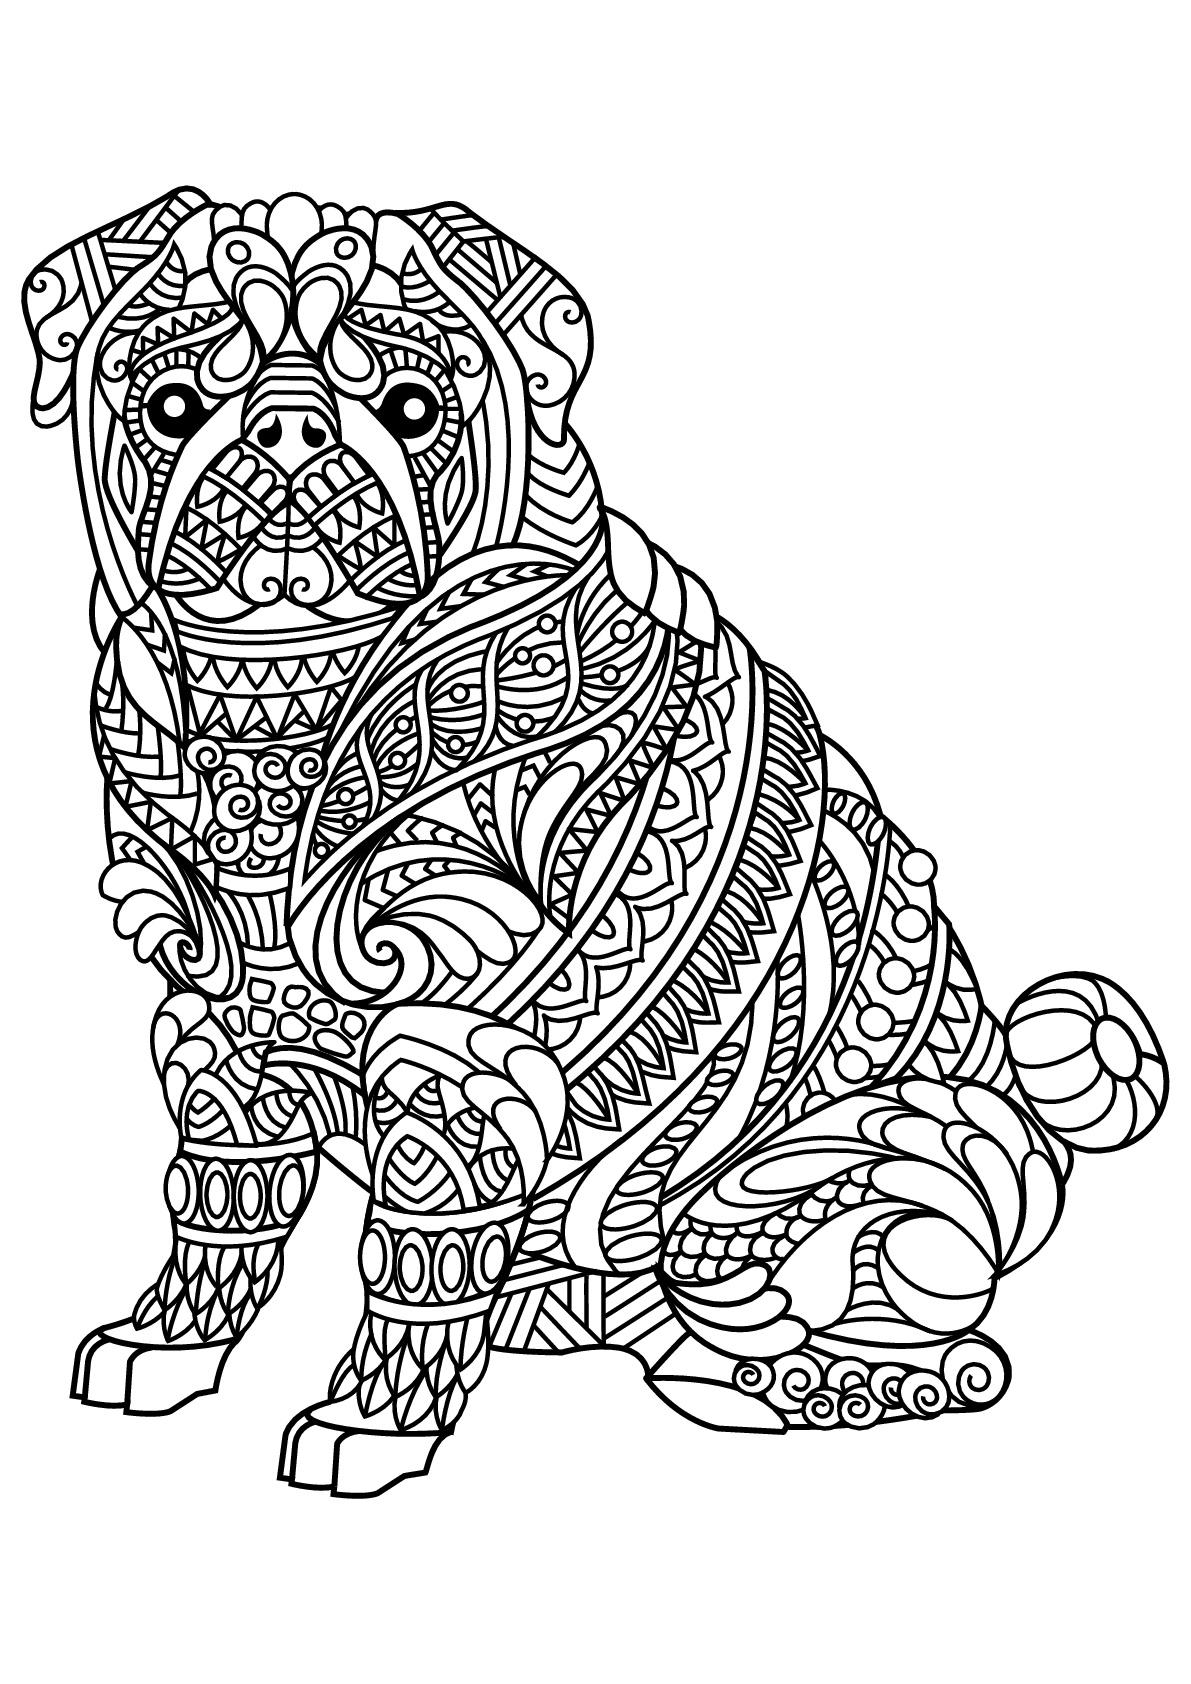 Cani 13485 cani disegni da colorare per adulti - Immagini di orsi da colorare in ...